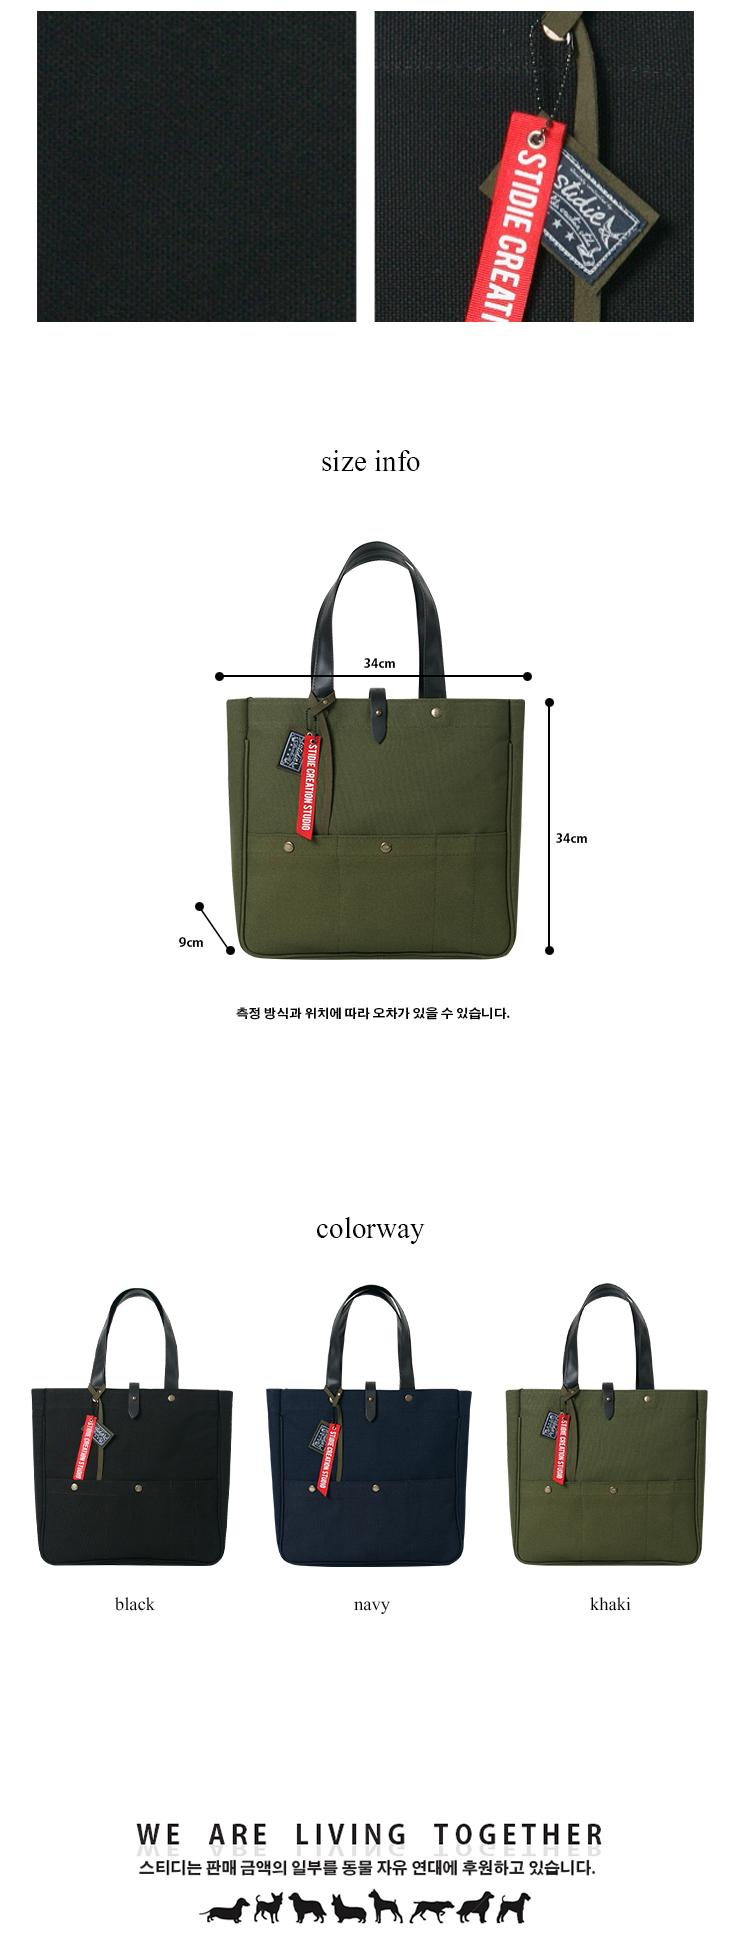 스티디(STIDIE) envelop tote/cross-black